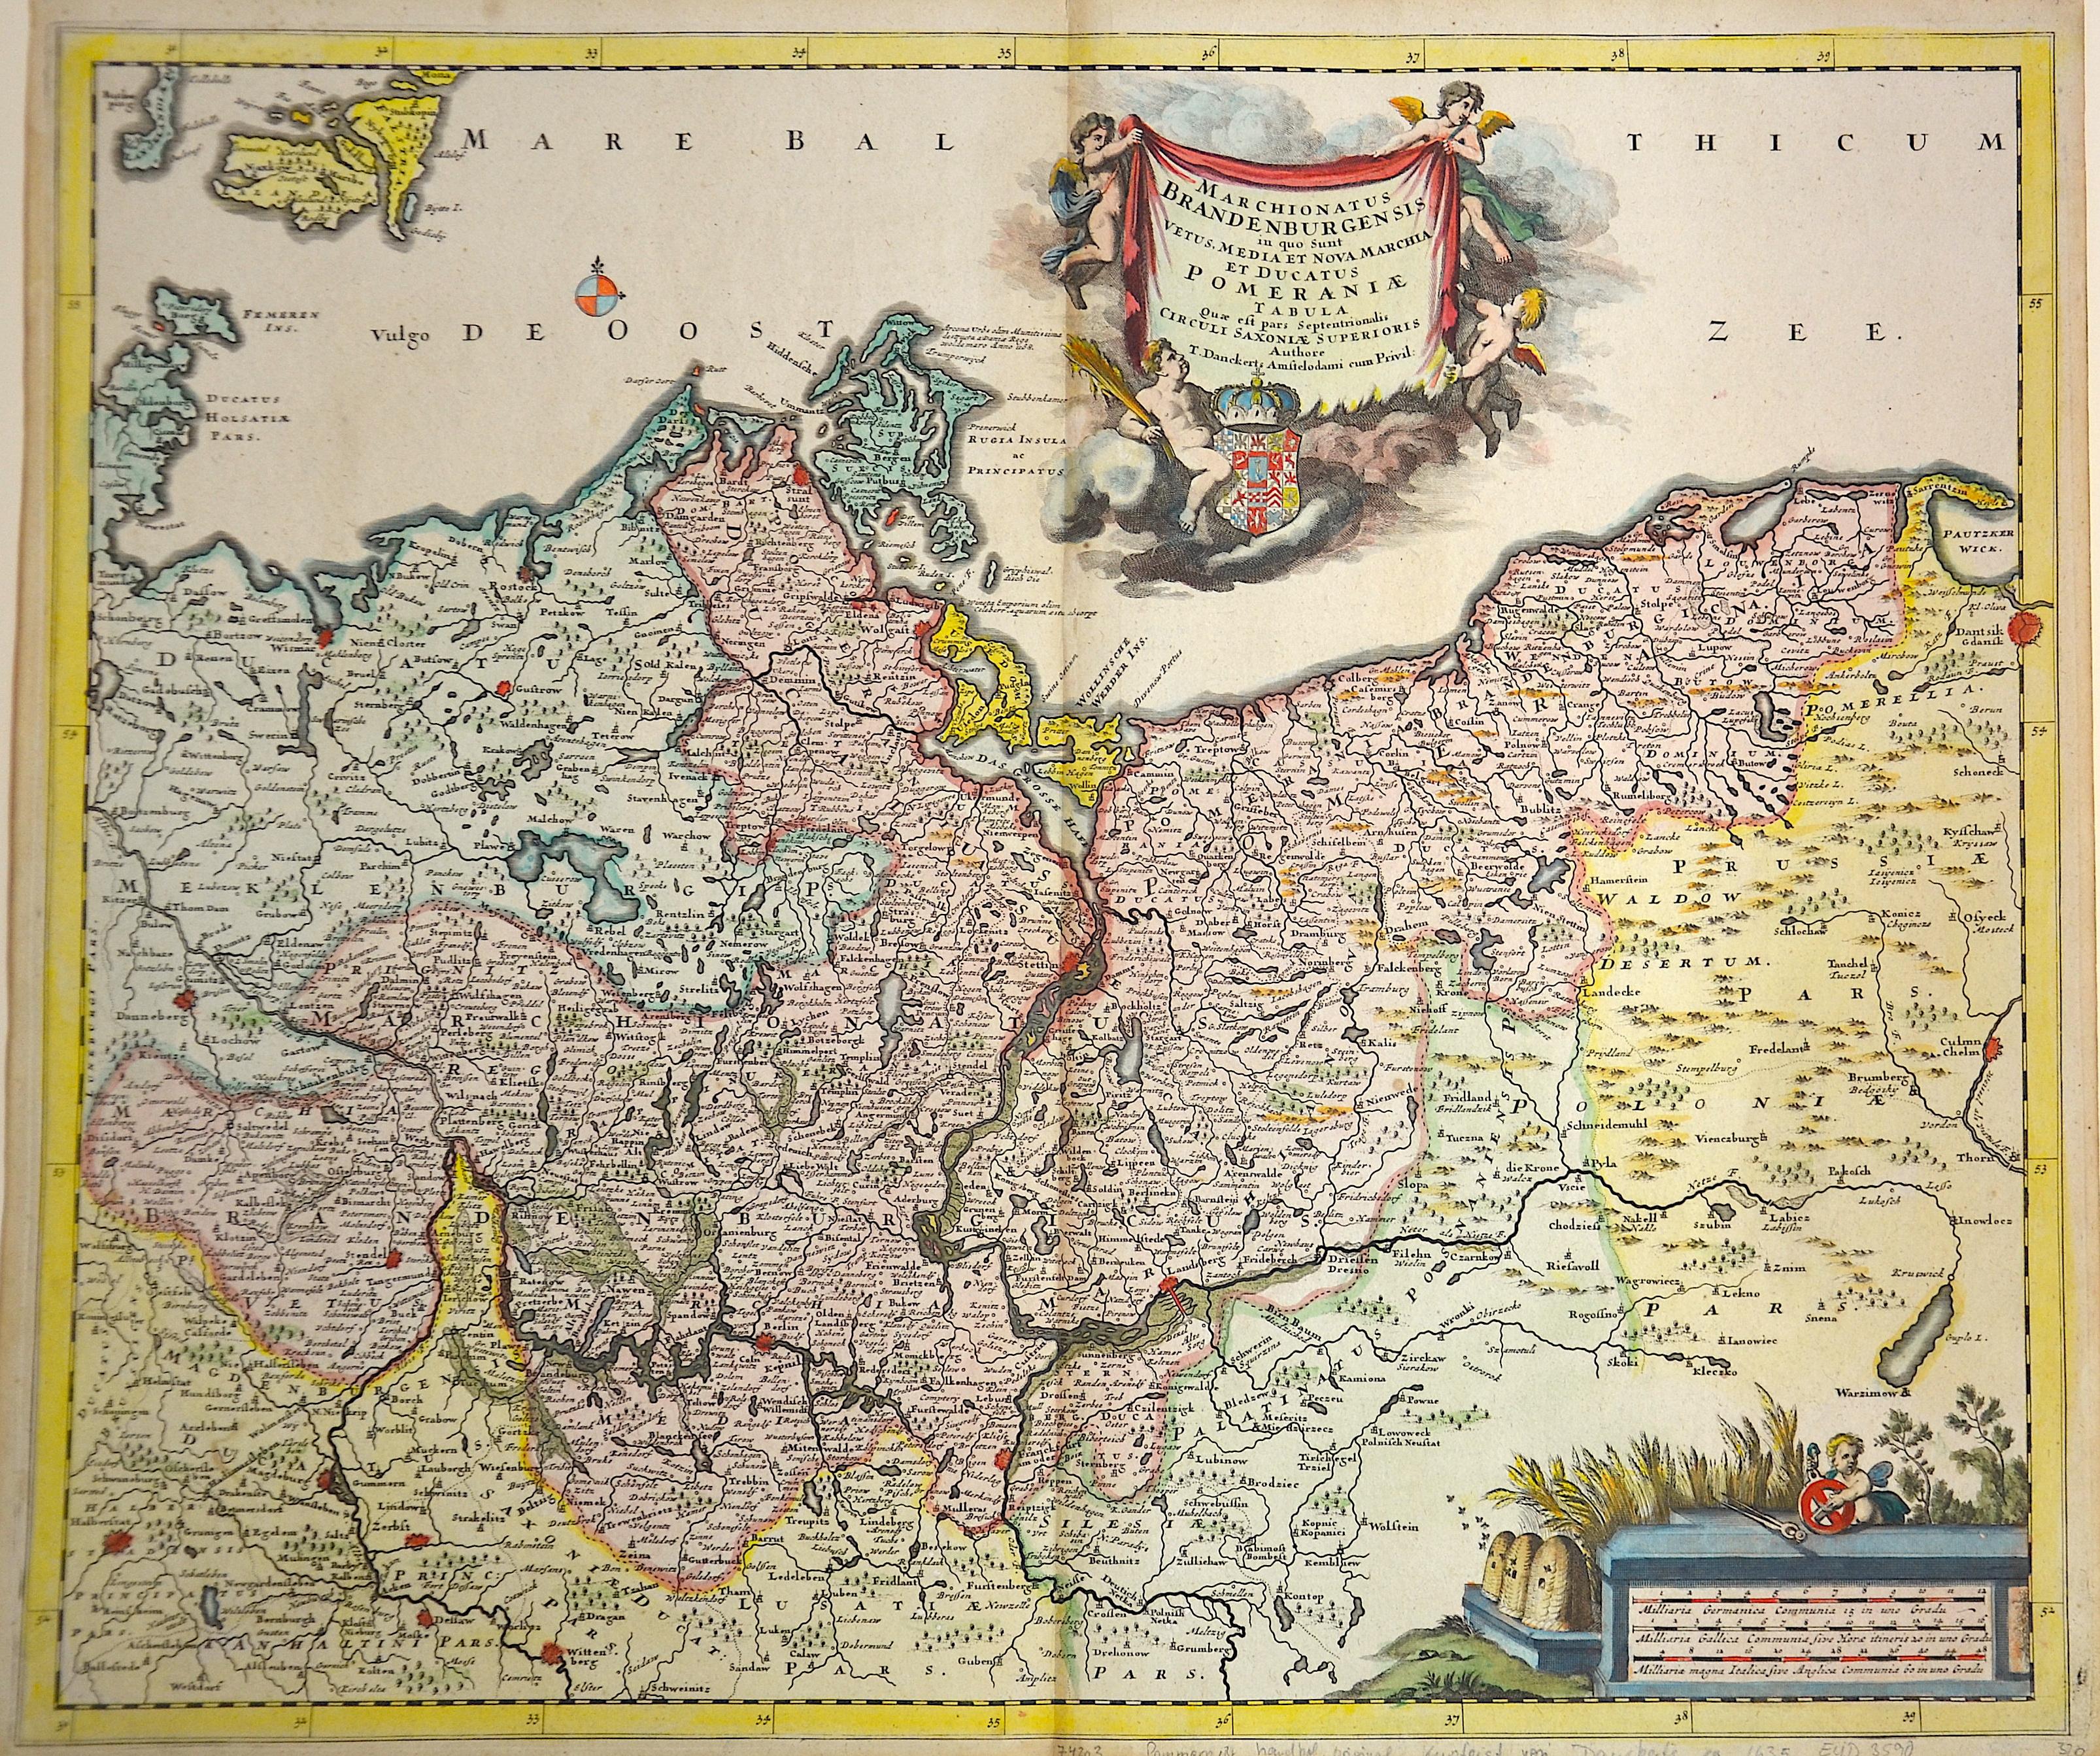 Danckerts Theodorus Marchionatus Brandenburgensis in quo sunt vetus, media et Nova Marchia et Ducatus Pomeraniae Tabula